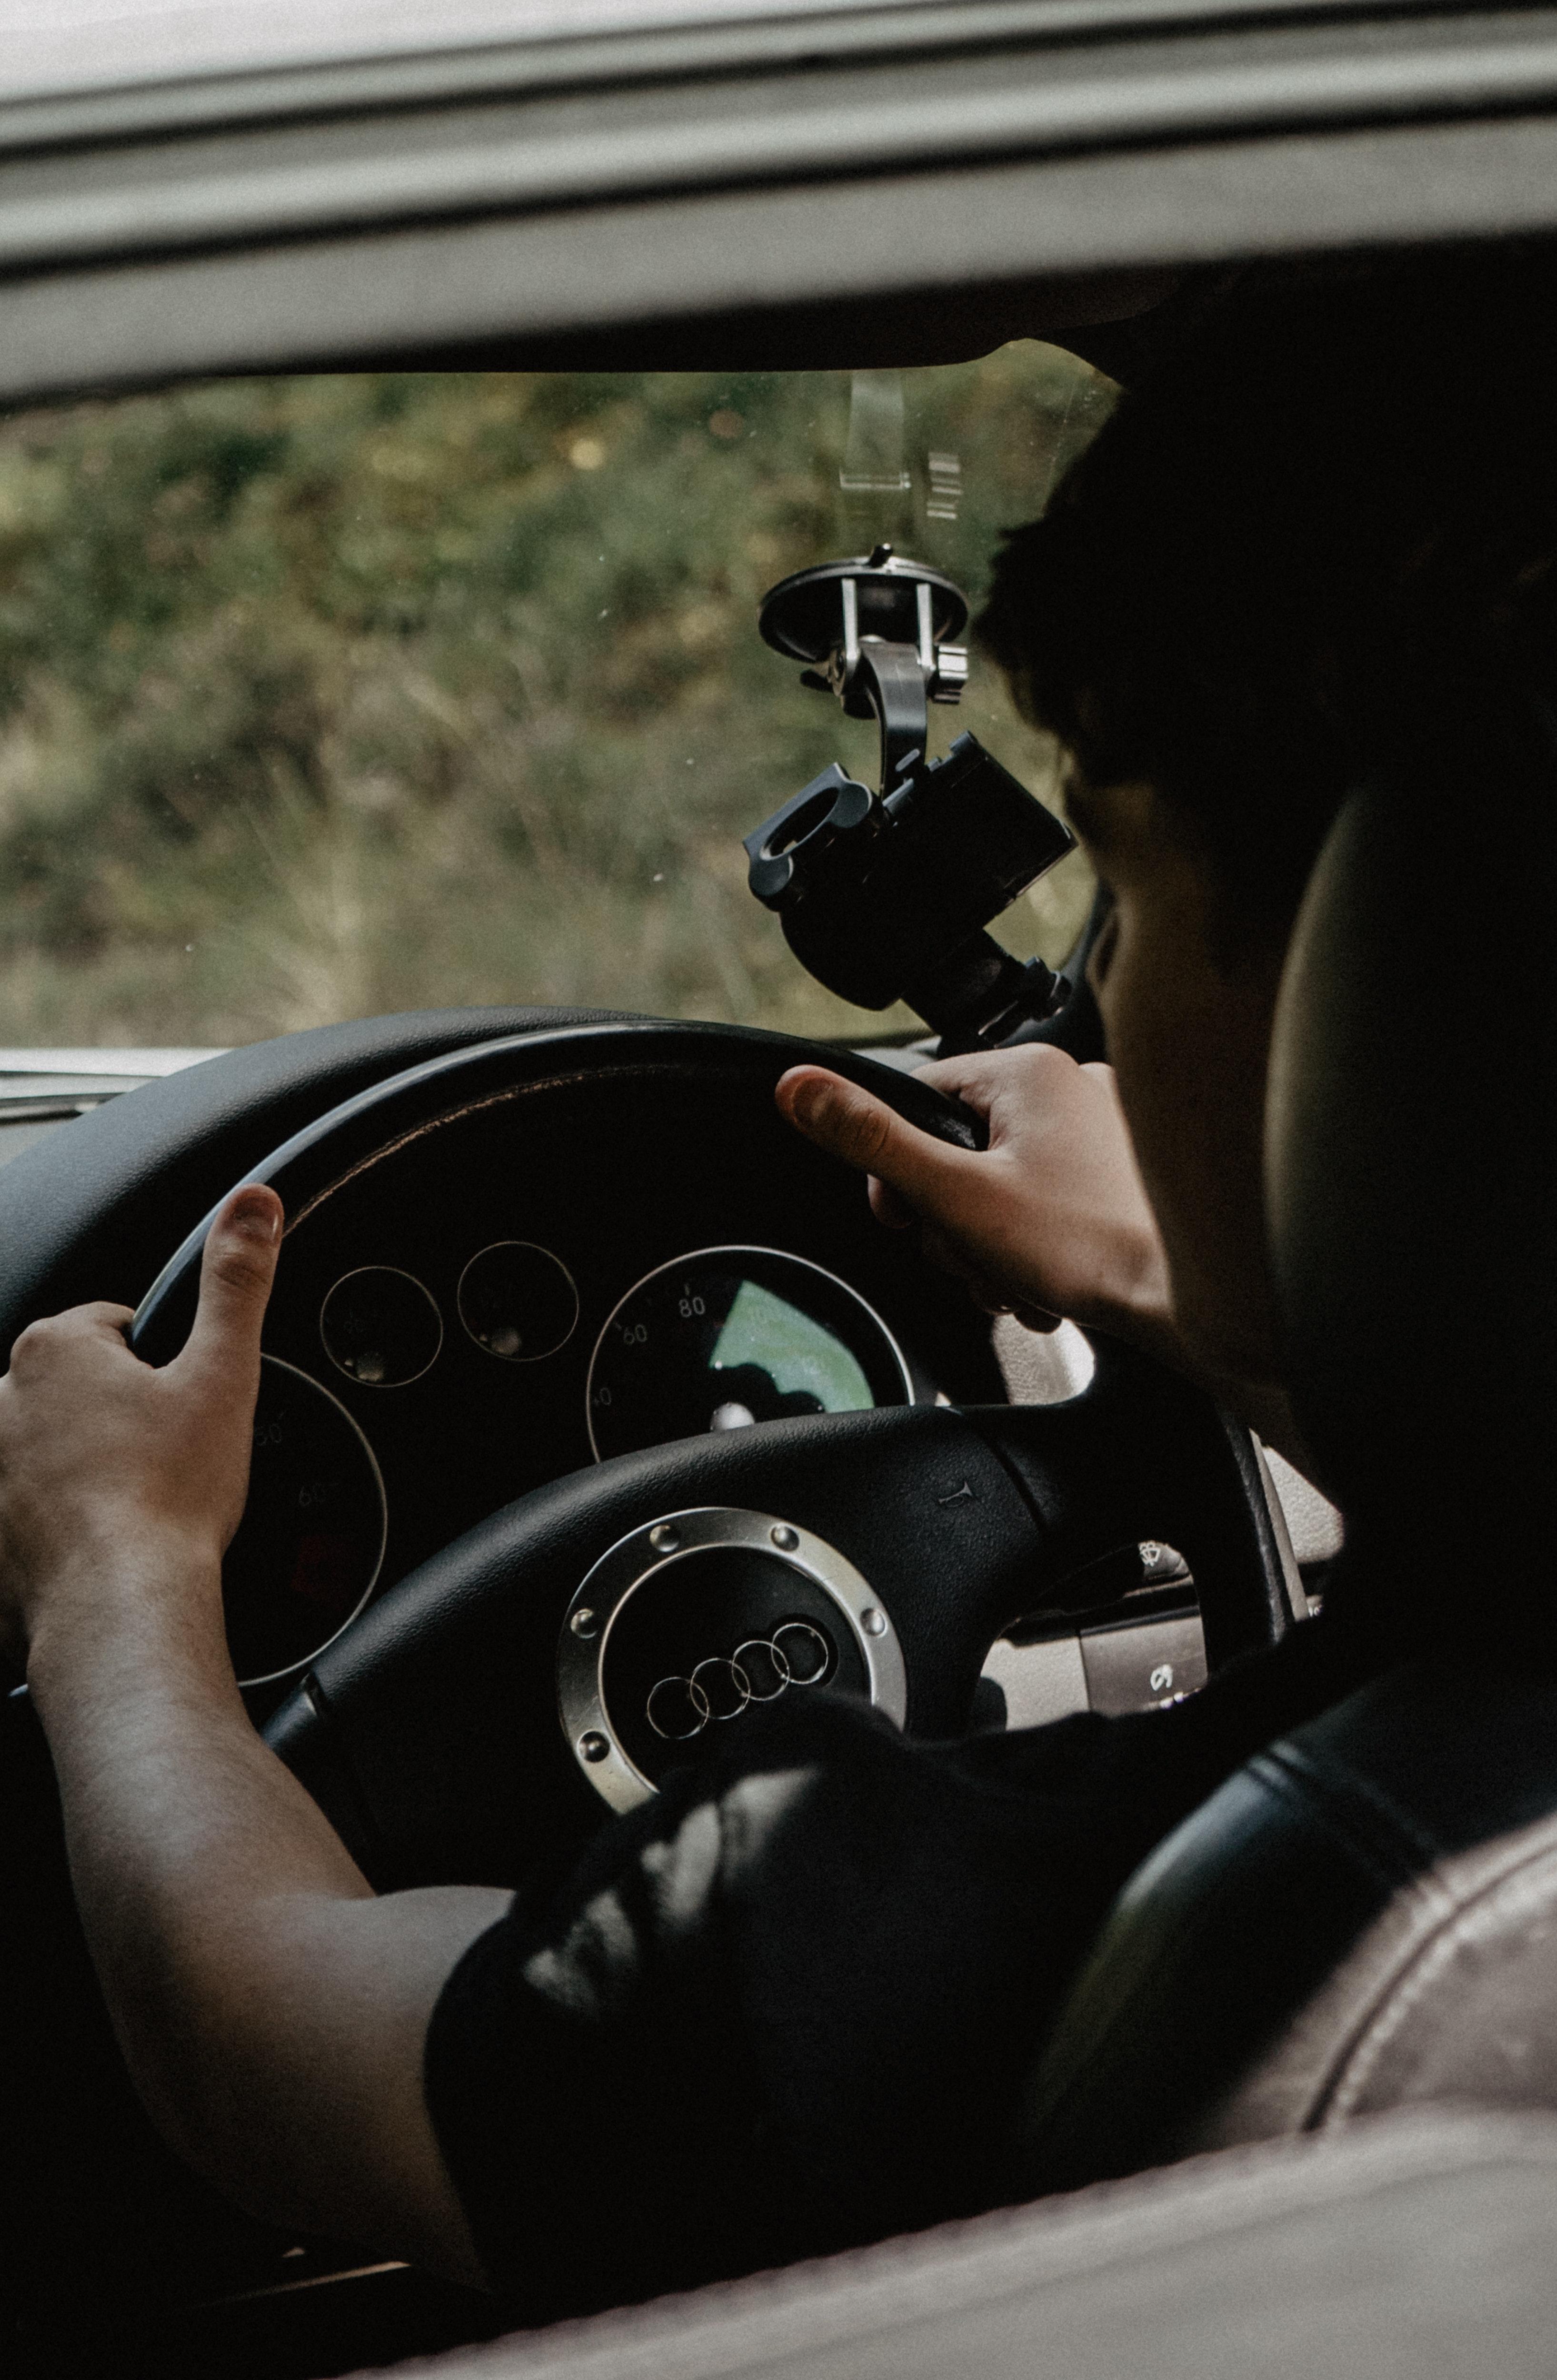 audi automobile blur 1933351